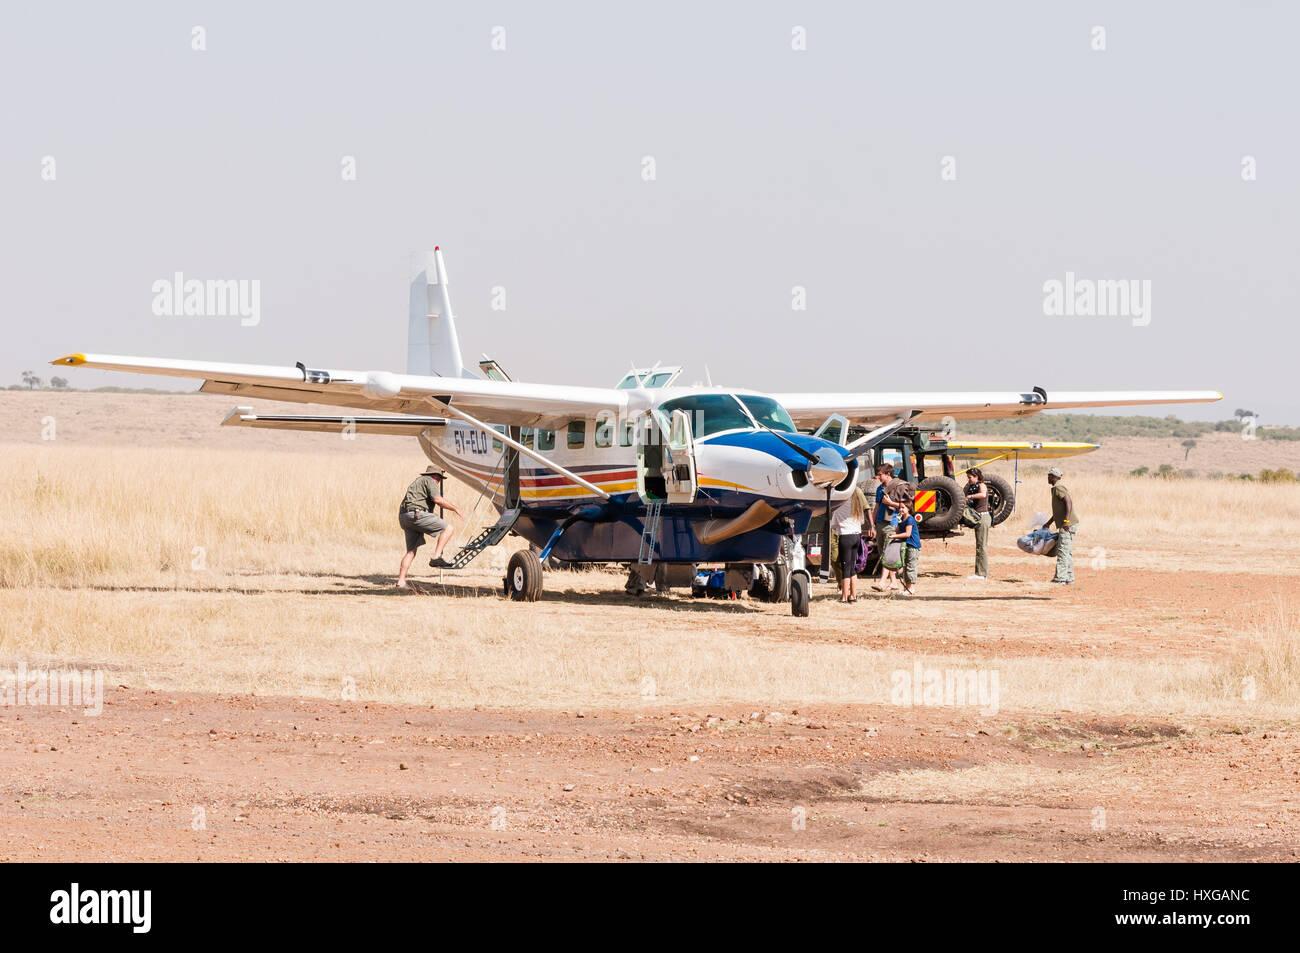 Cessna Plane Waiting On Dusty Runway While Passengers Load Aircraft, Maasai Mara - Stock Image